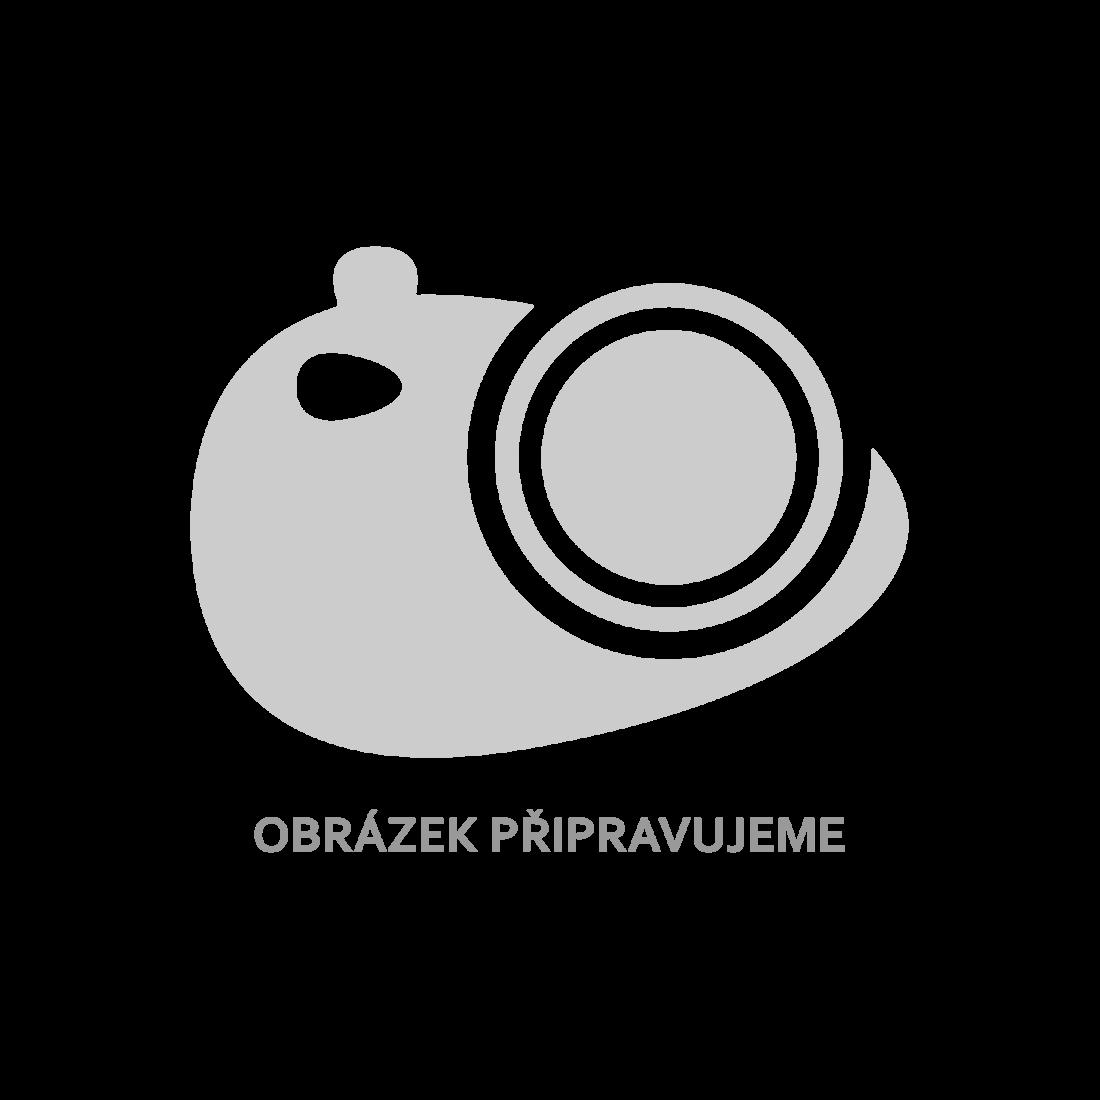 vidaXL Psací stůl 116 x 55 x 80 cm masivní recyklované dřevo [283942]